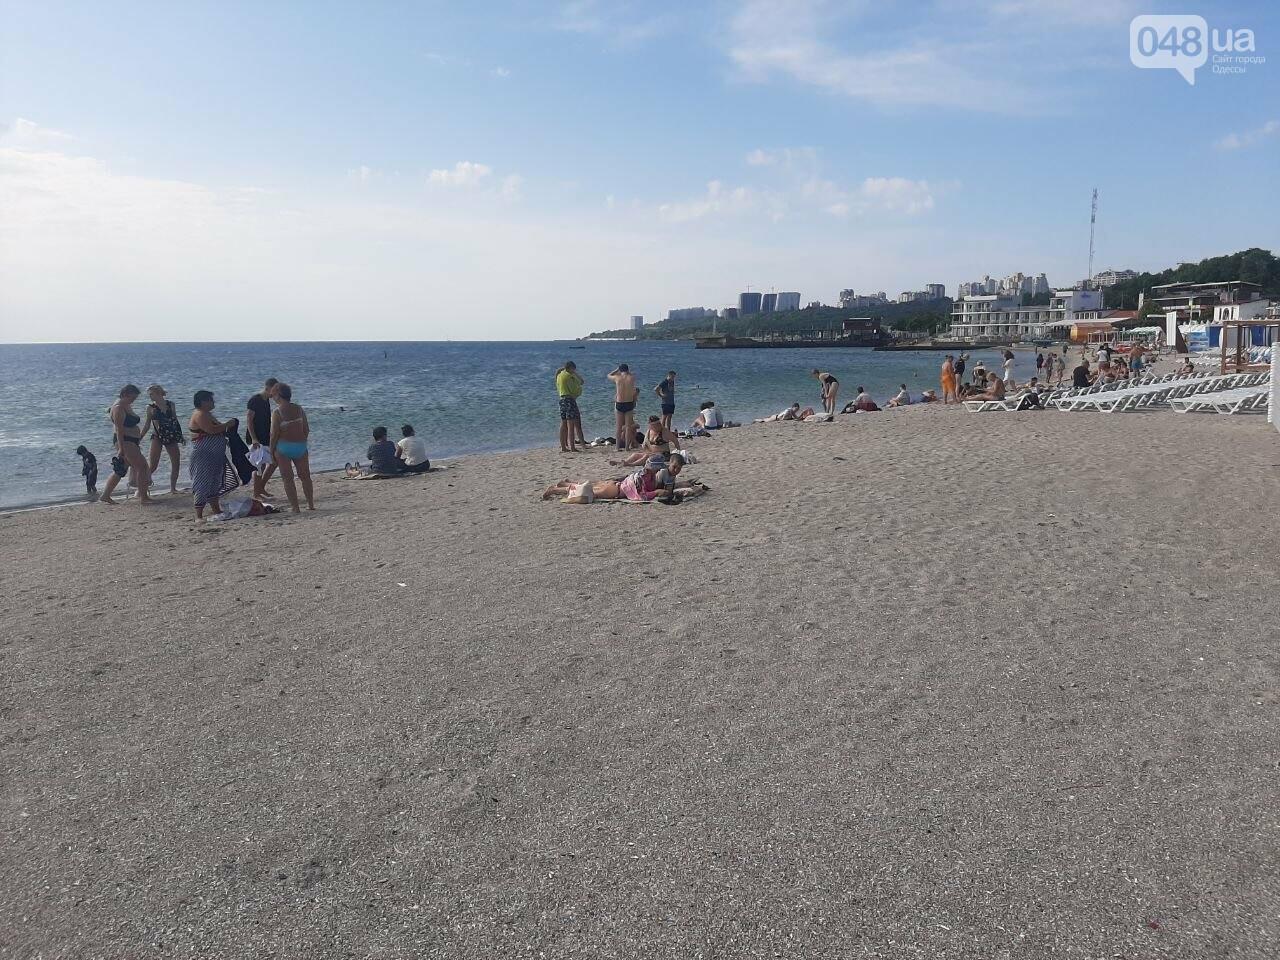 Как выглядит пляж Ланжерон в Одессе после ливня, - ФОТО, ВИДЕО, фото-16